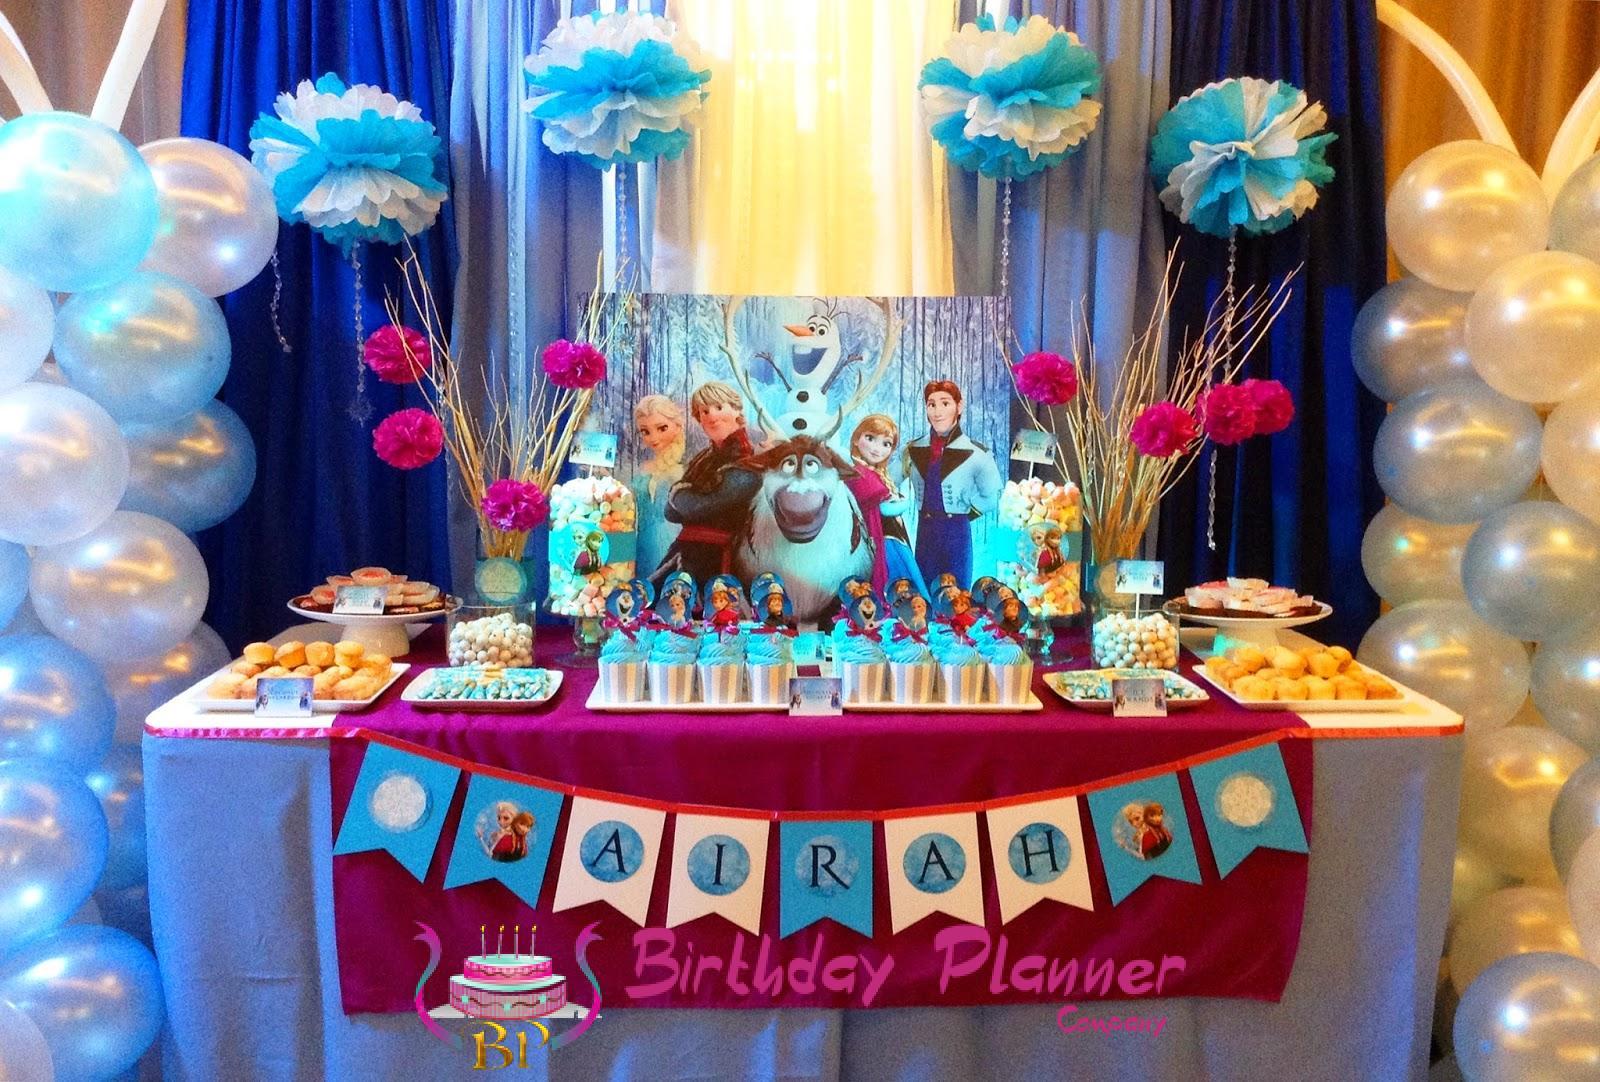 Frozen Theme Party Planner | Decoration | Birthday Organizer in Delhi